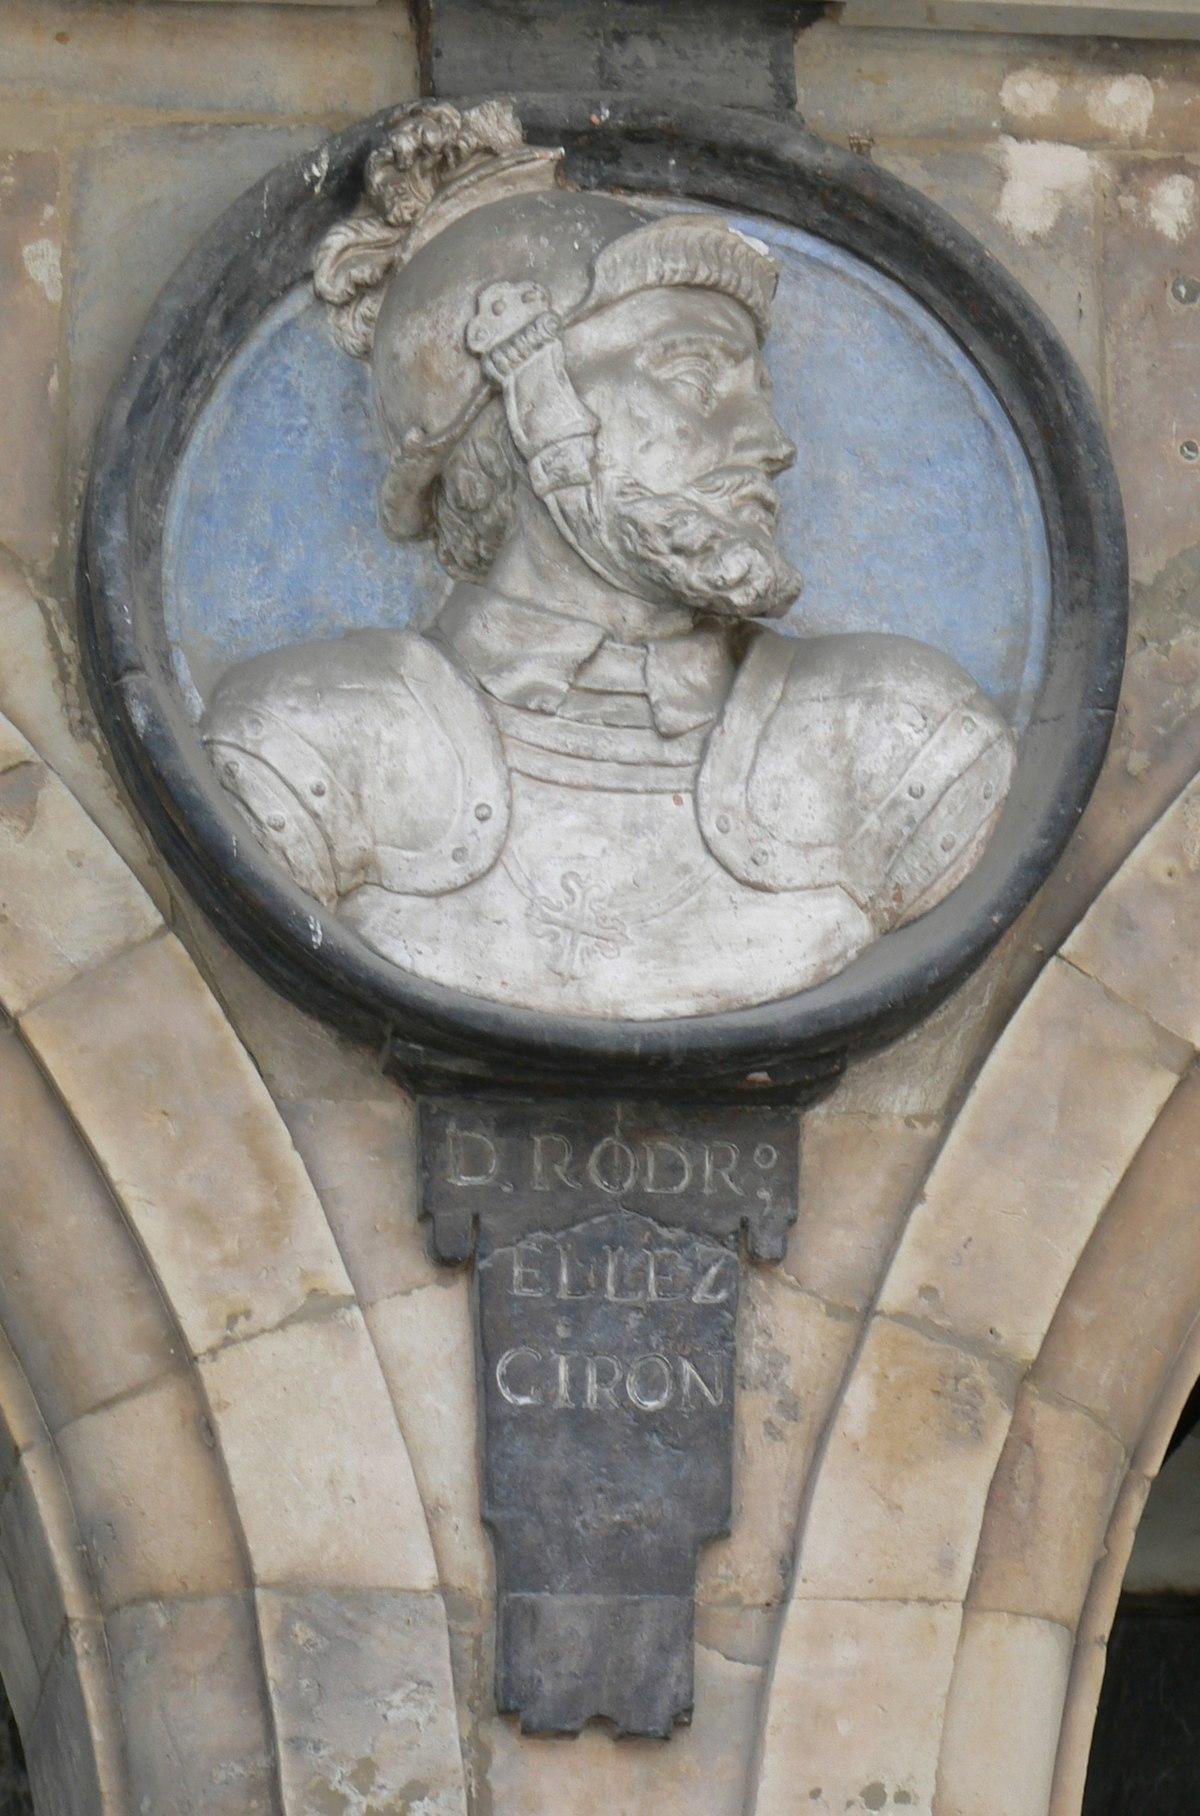 Pabellón San-Martín medallón 09 Rodrigo Téllez Girón.JPG